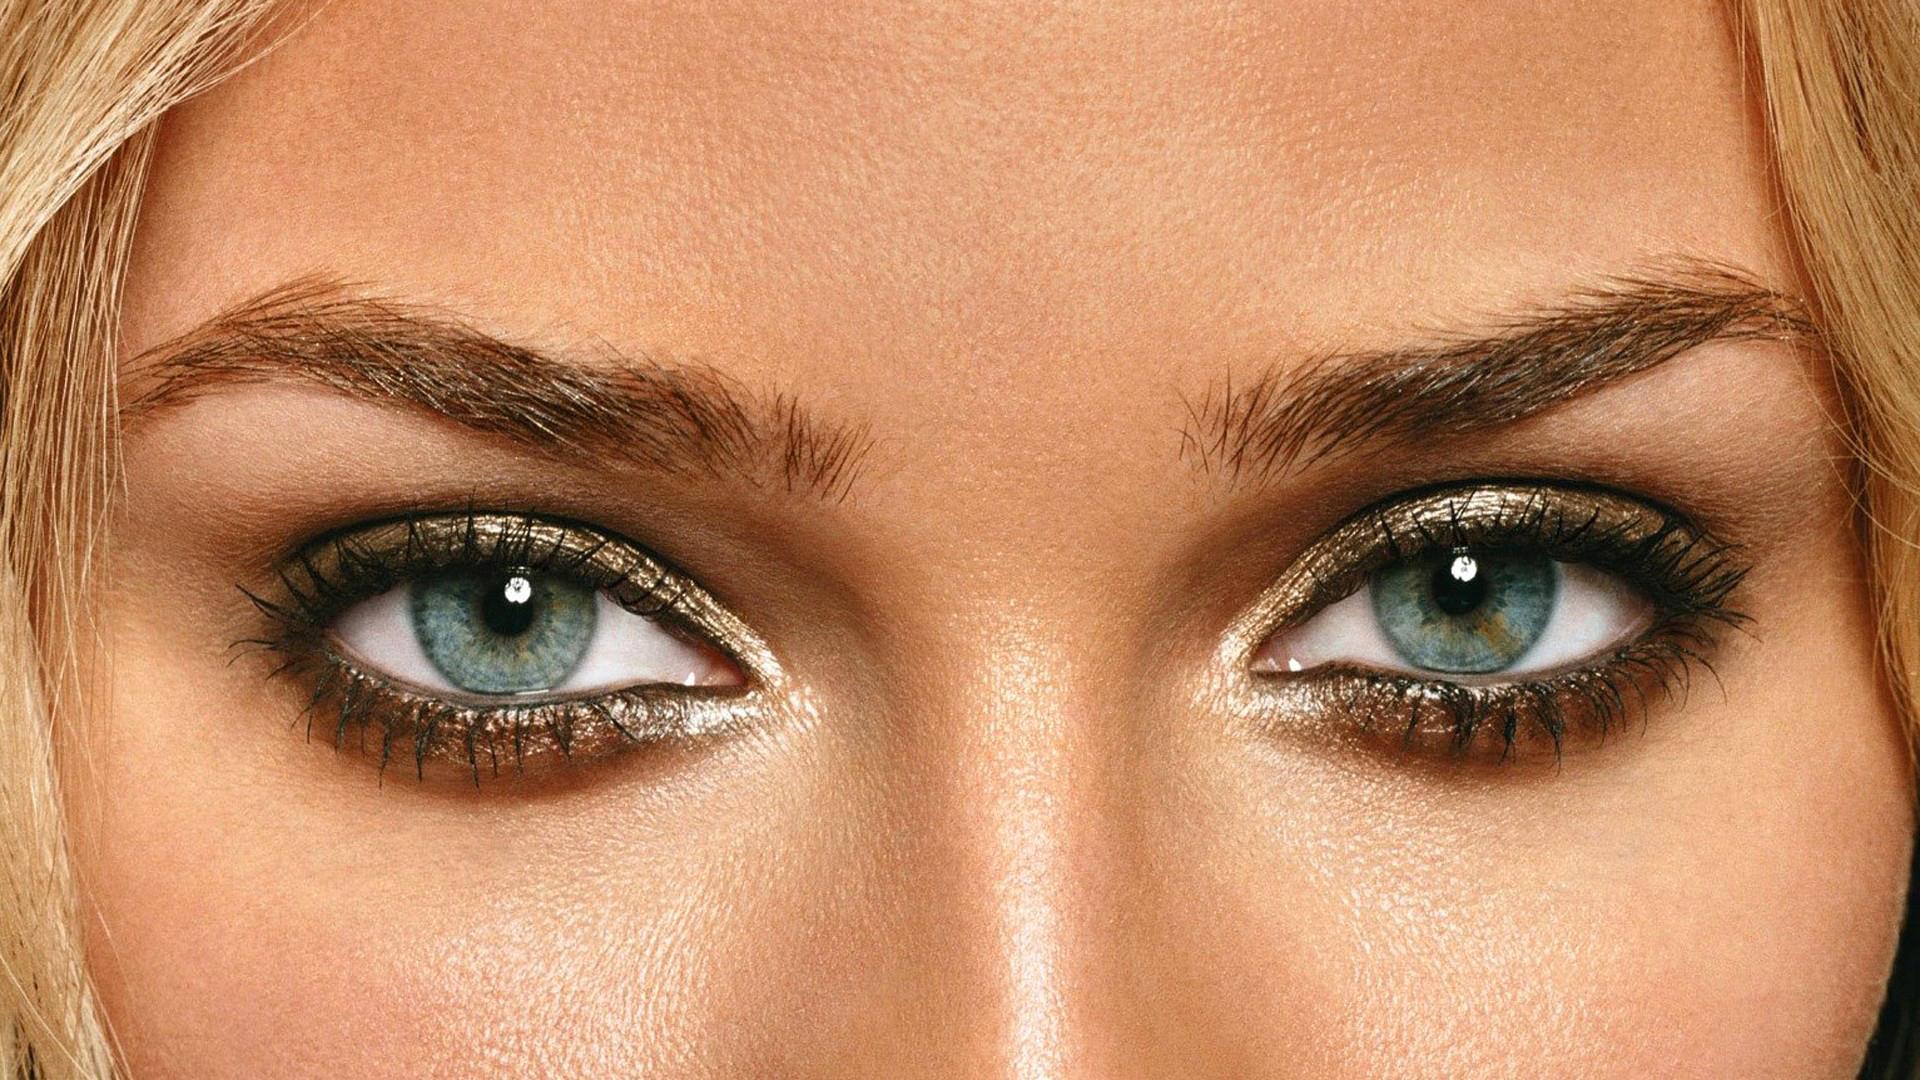 Картинки девушки глаза, надписями тебе нравлюсь